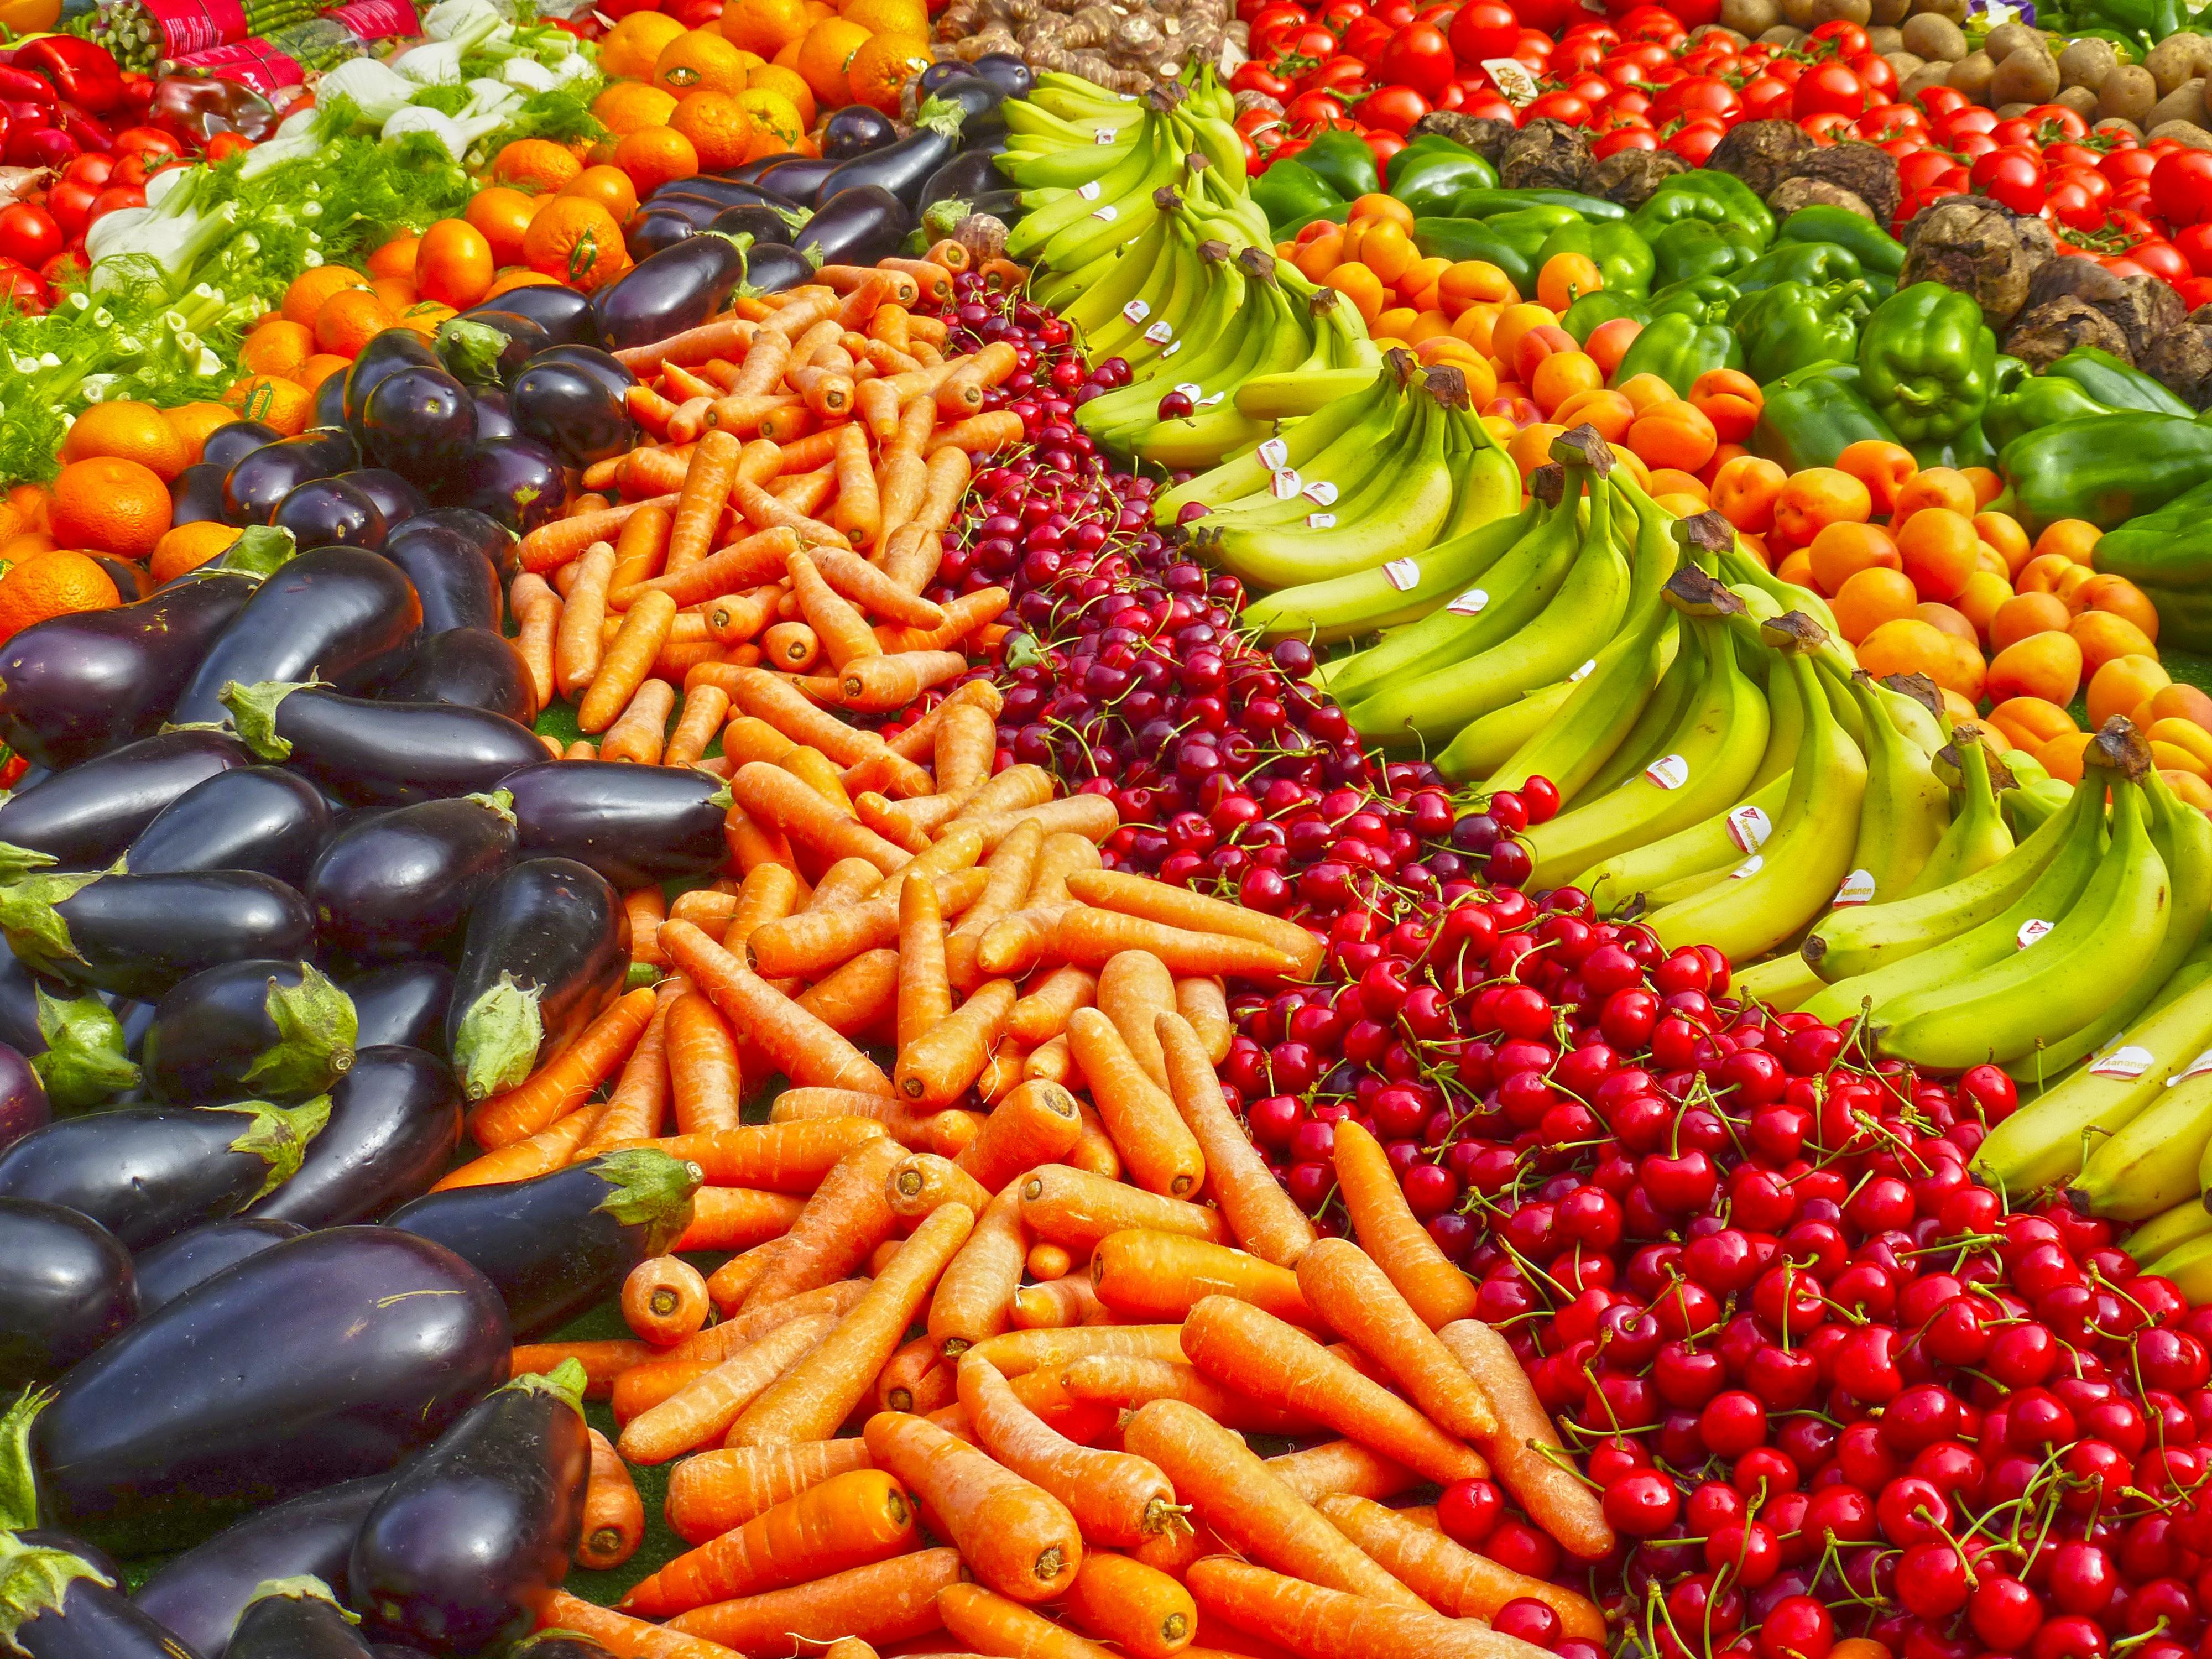 FruitColourful